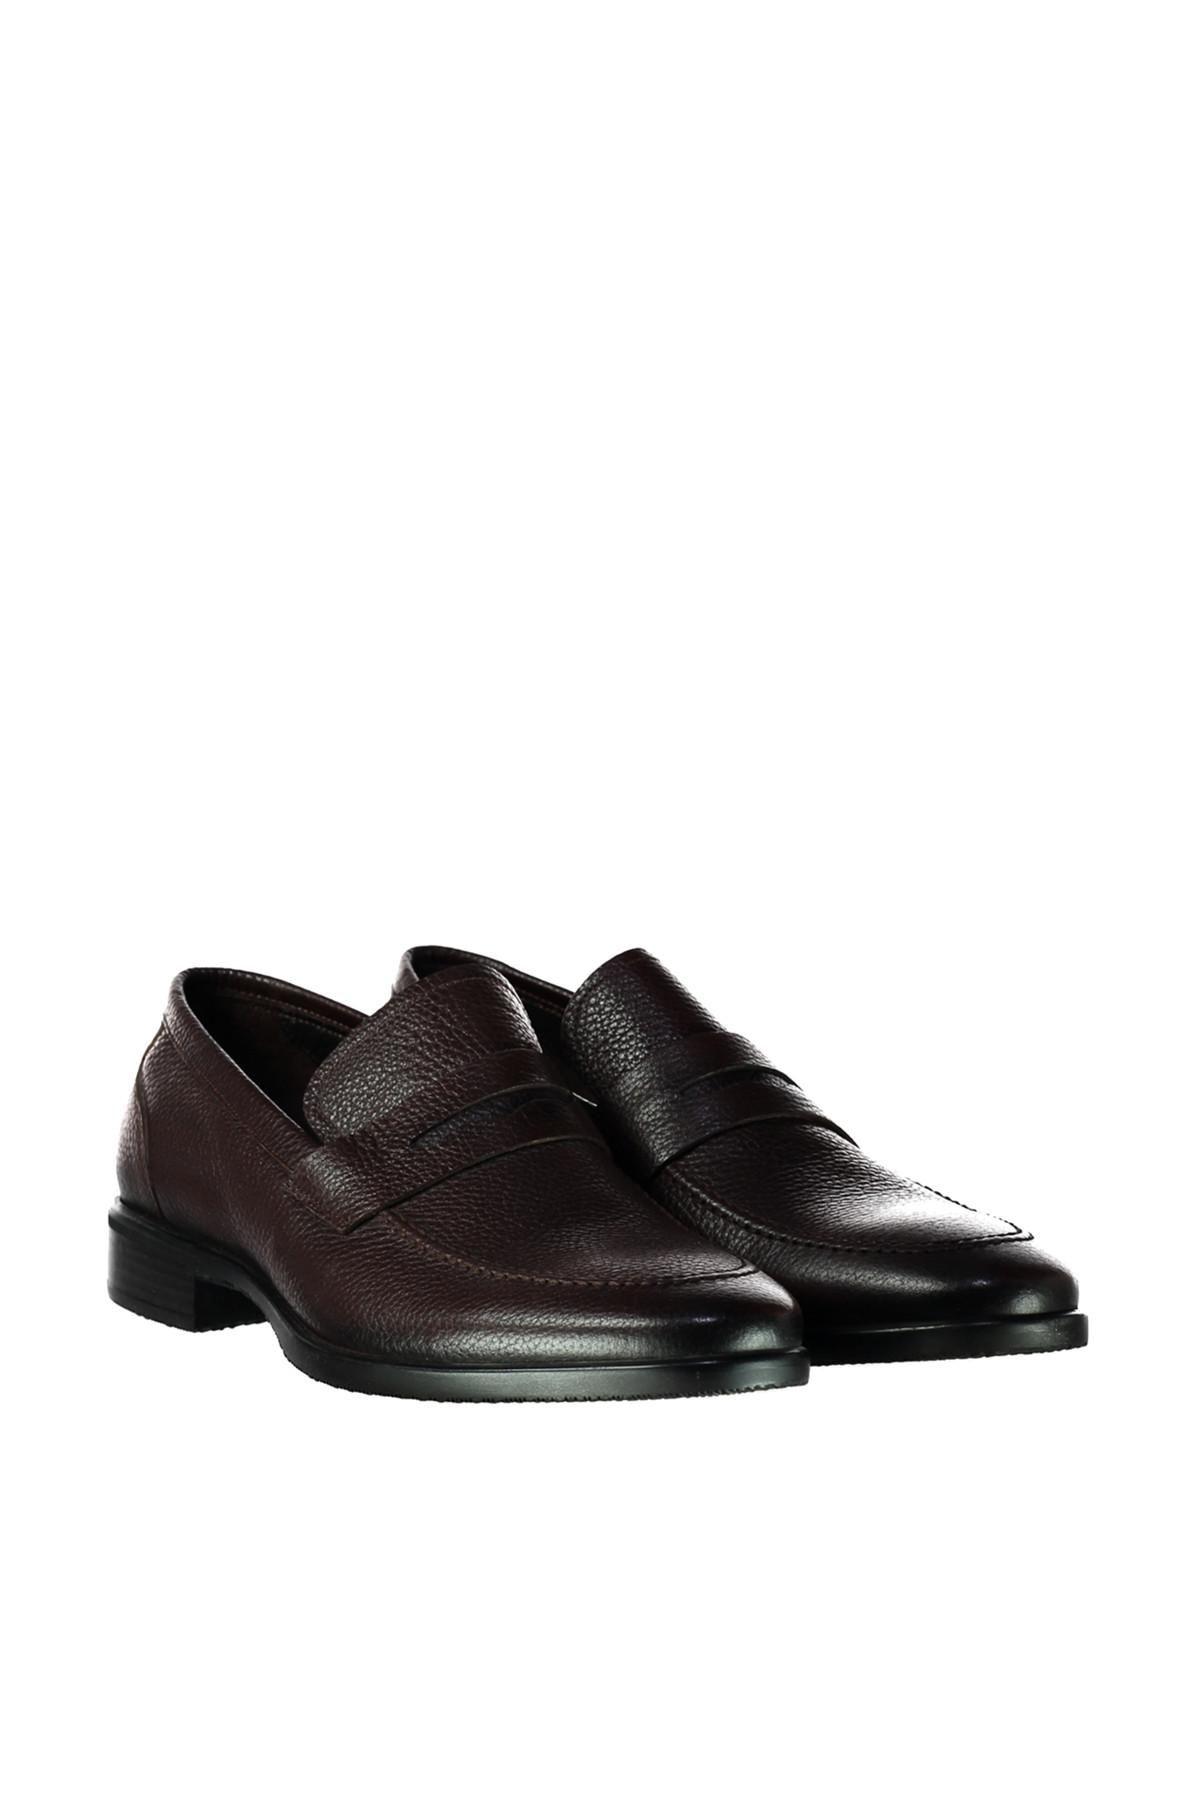 Zapatos S holgazán del cuero auténtico Derimod hombres del café'